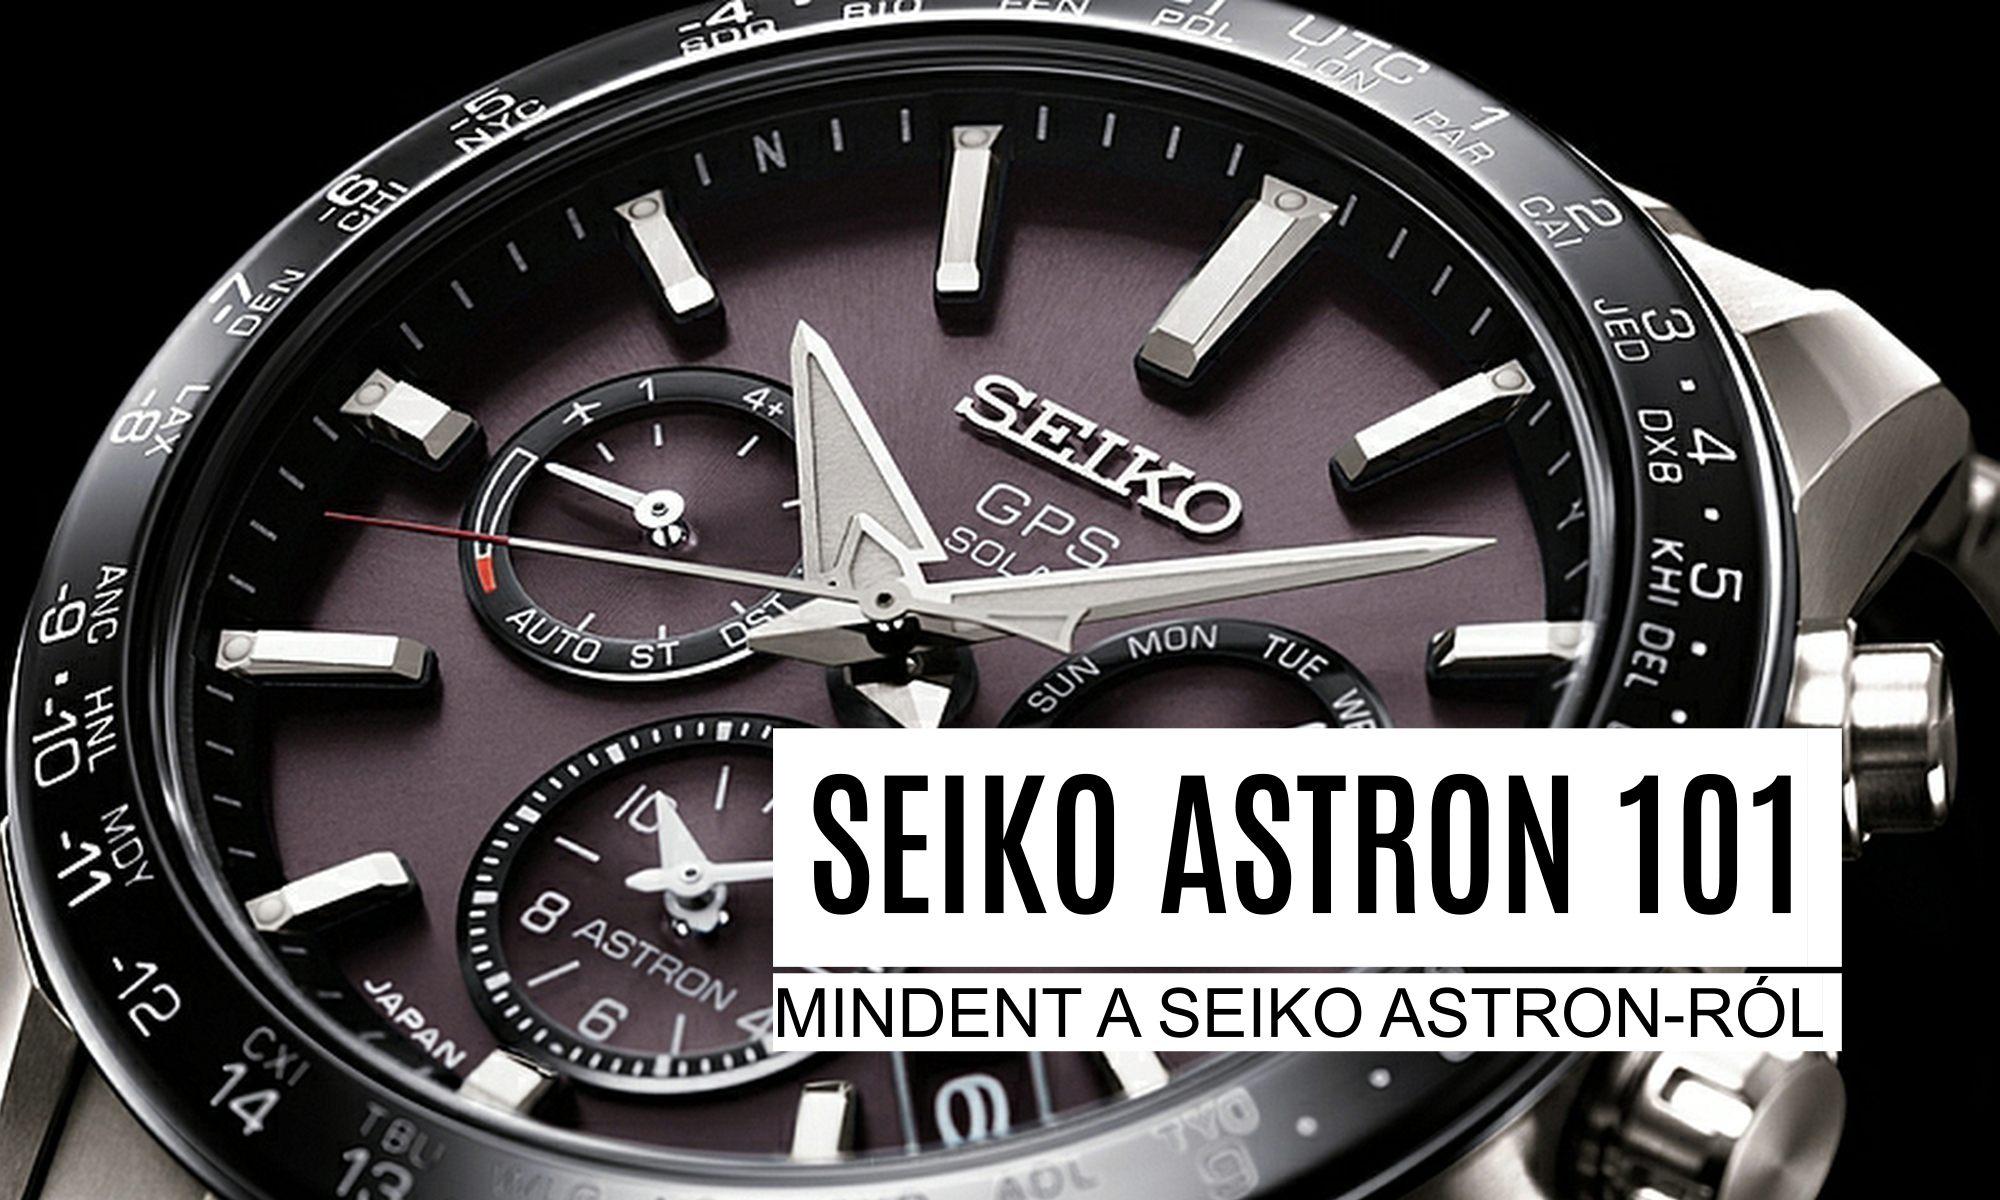 Seiko Astron 101